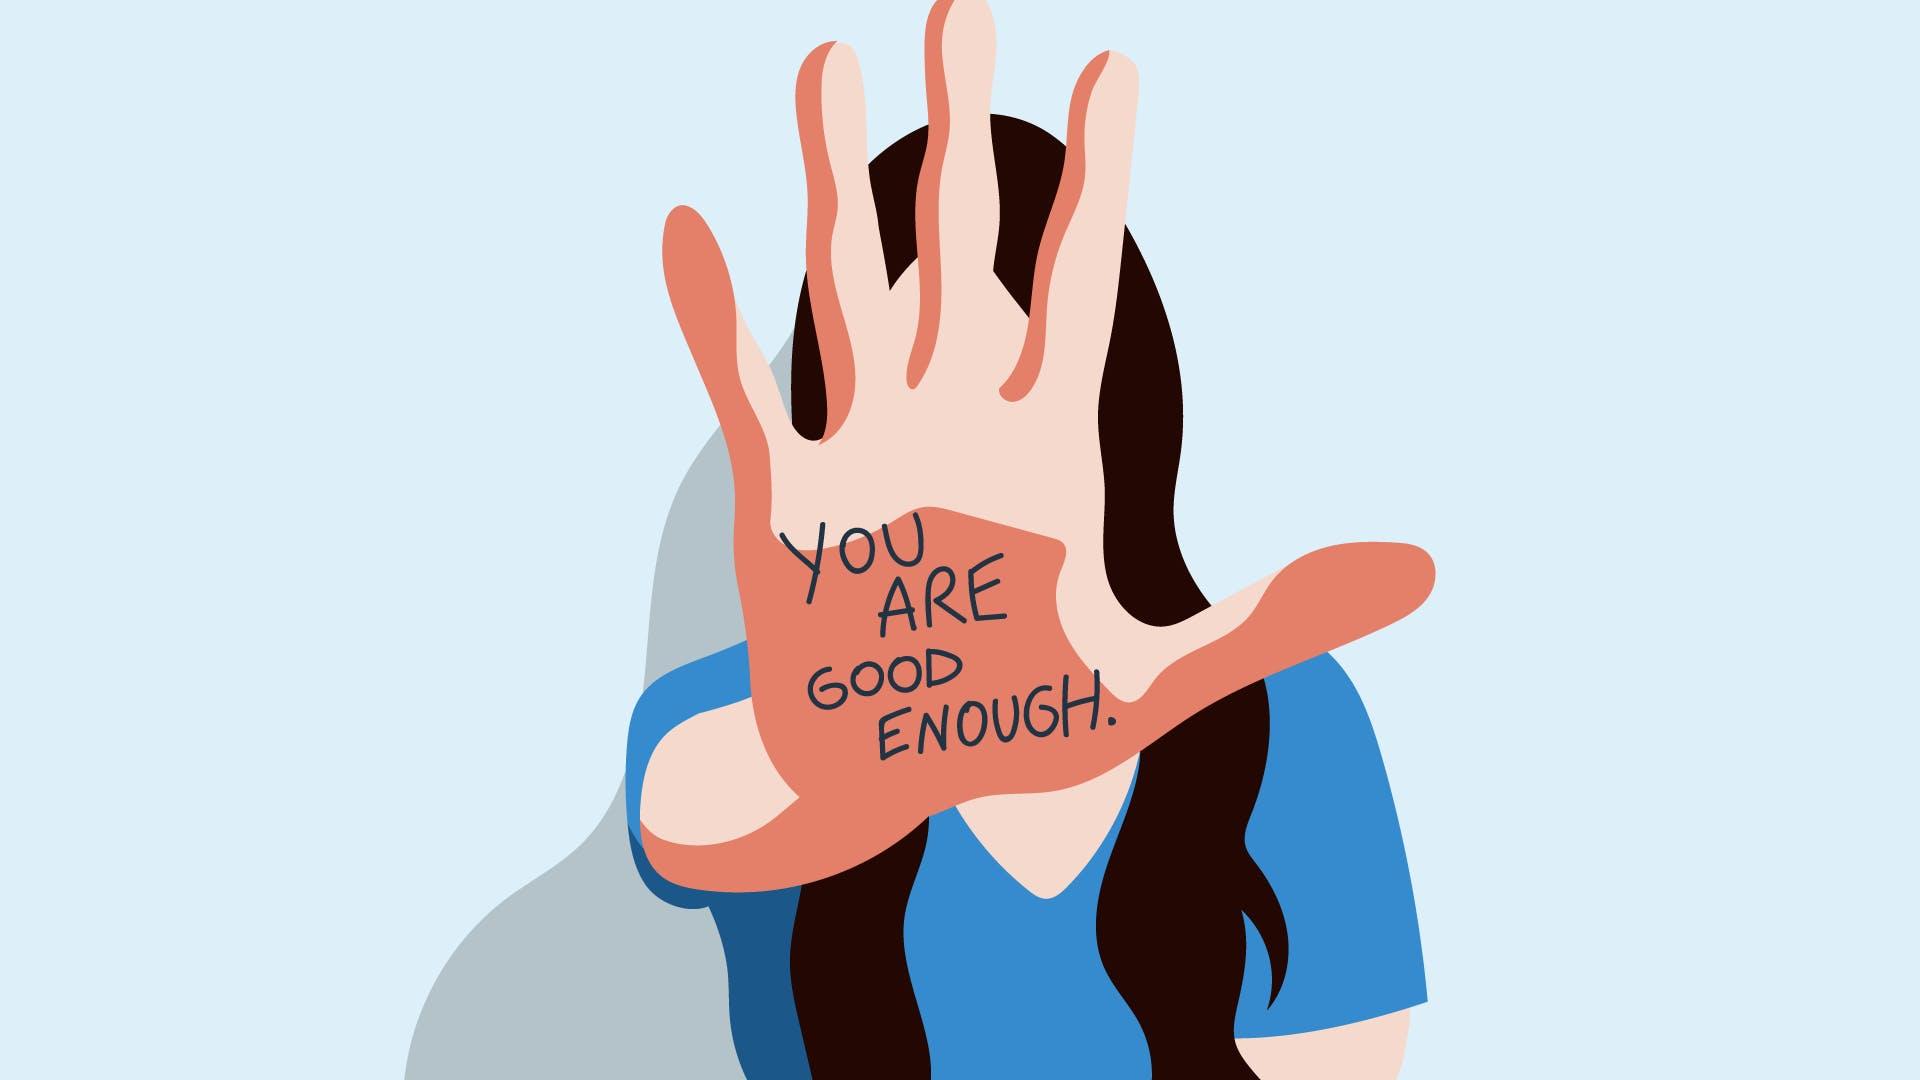 """Frau streckt Hand mit Schrift """"You are good enough"""" voraus, um klar zu machen, dass für nachhaltiges wirtschaften, höhere Stundensätze notwendig sind."""